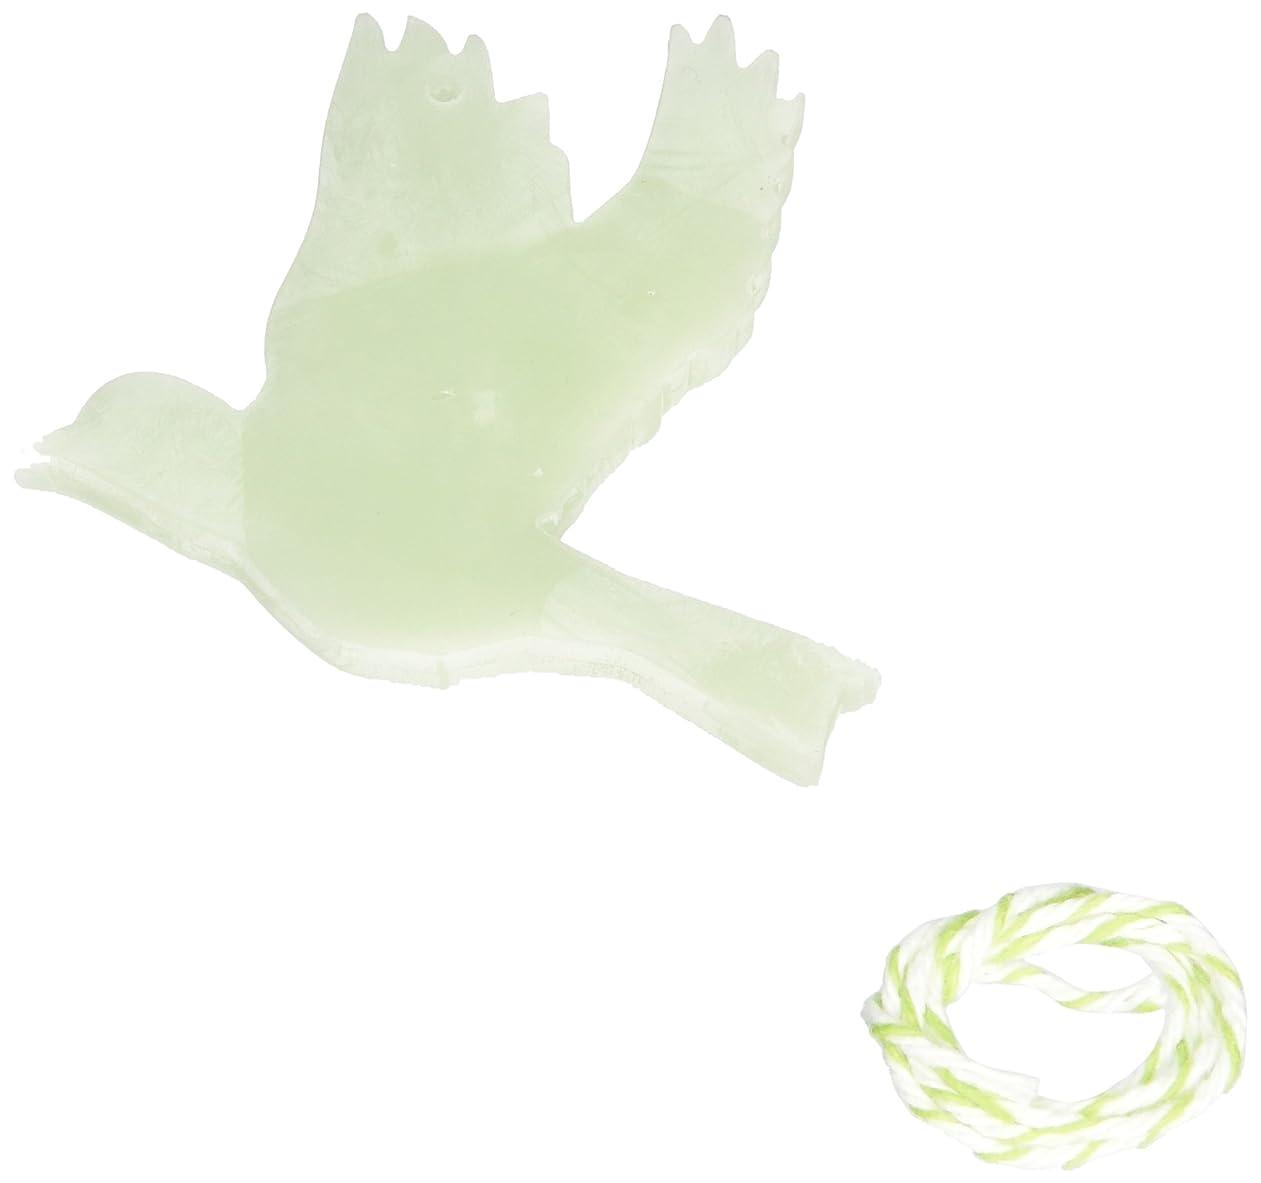 ディスパッチ展望台書士GRASSE TOKYO AROMATICWAXチャーム「ハト」(GR) レモングラス アロマティックワックス グラーストウキョウ